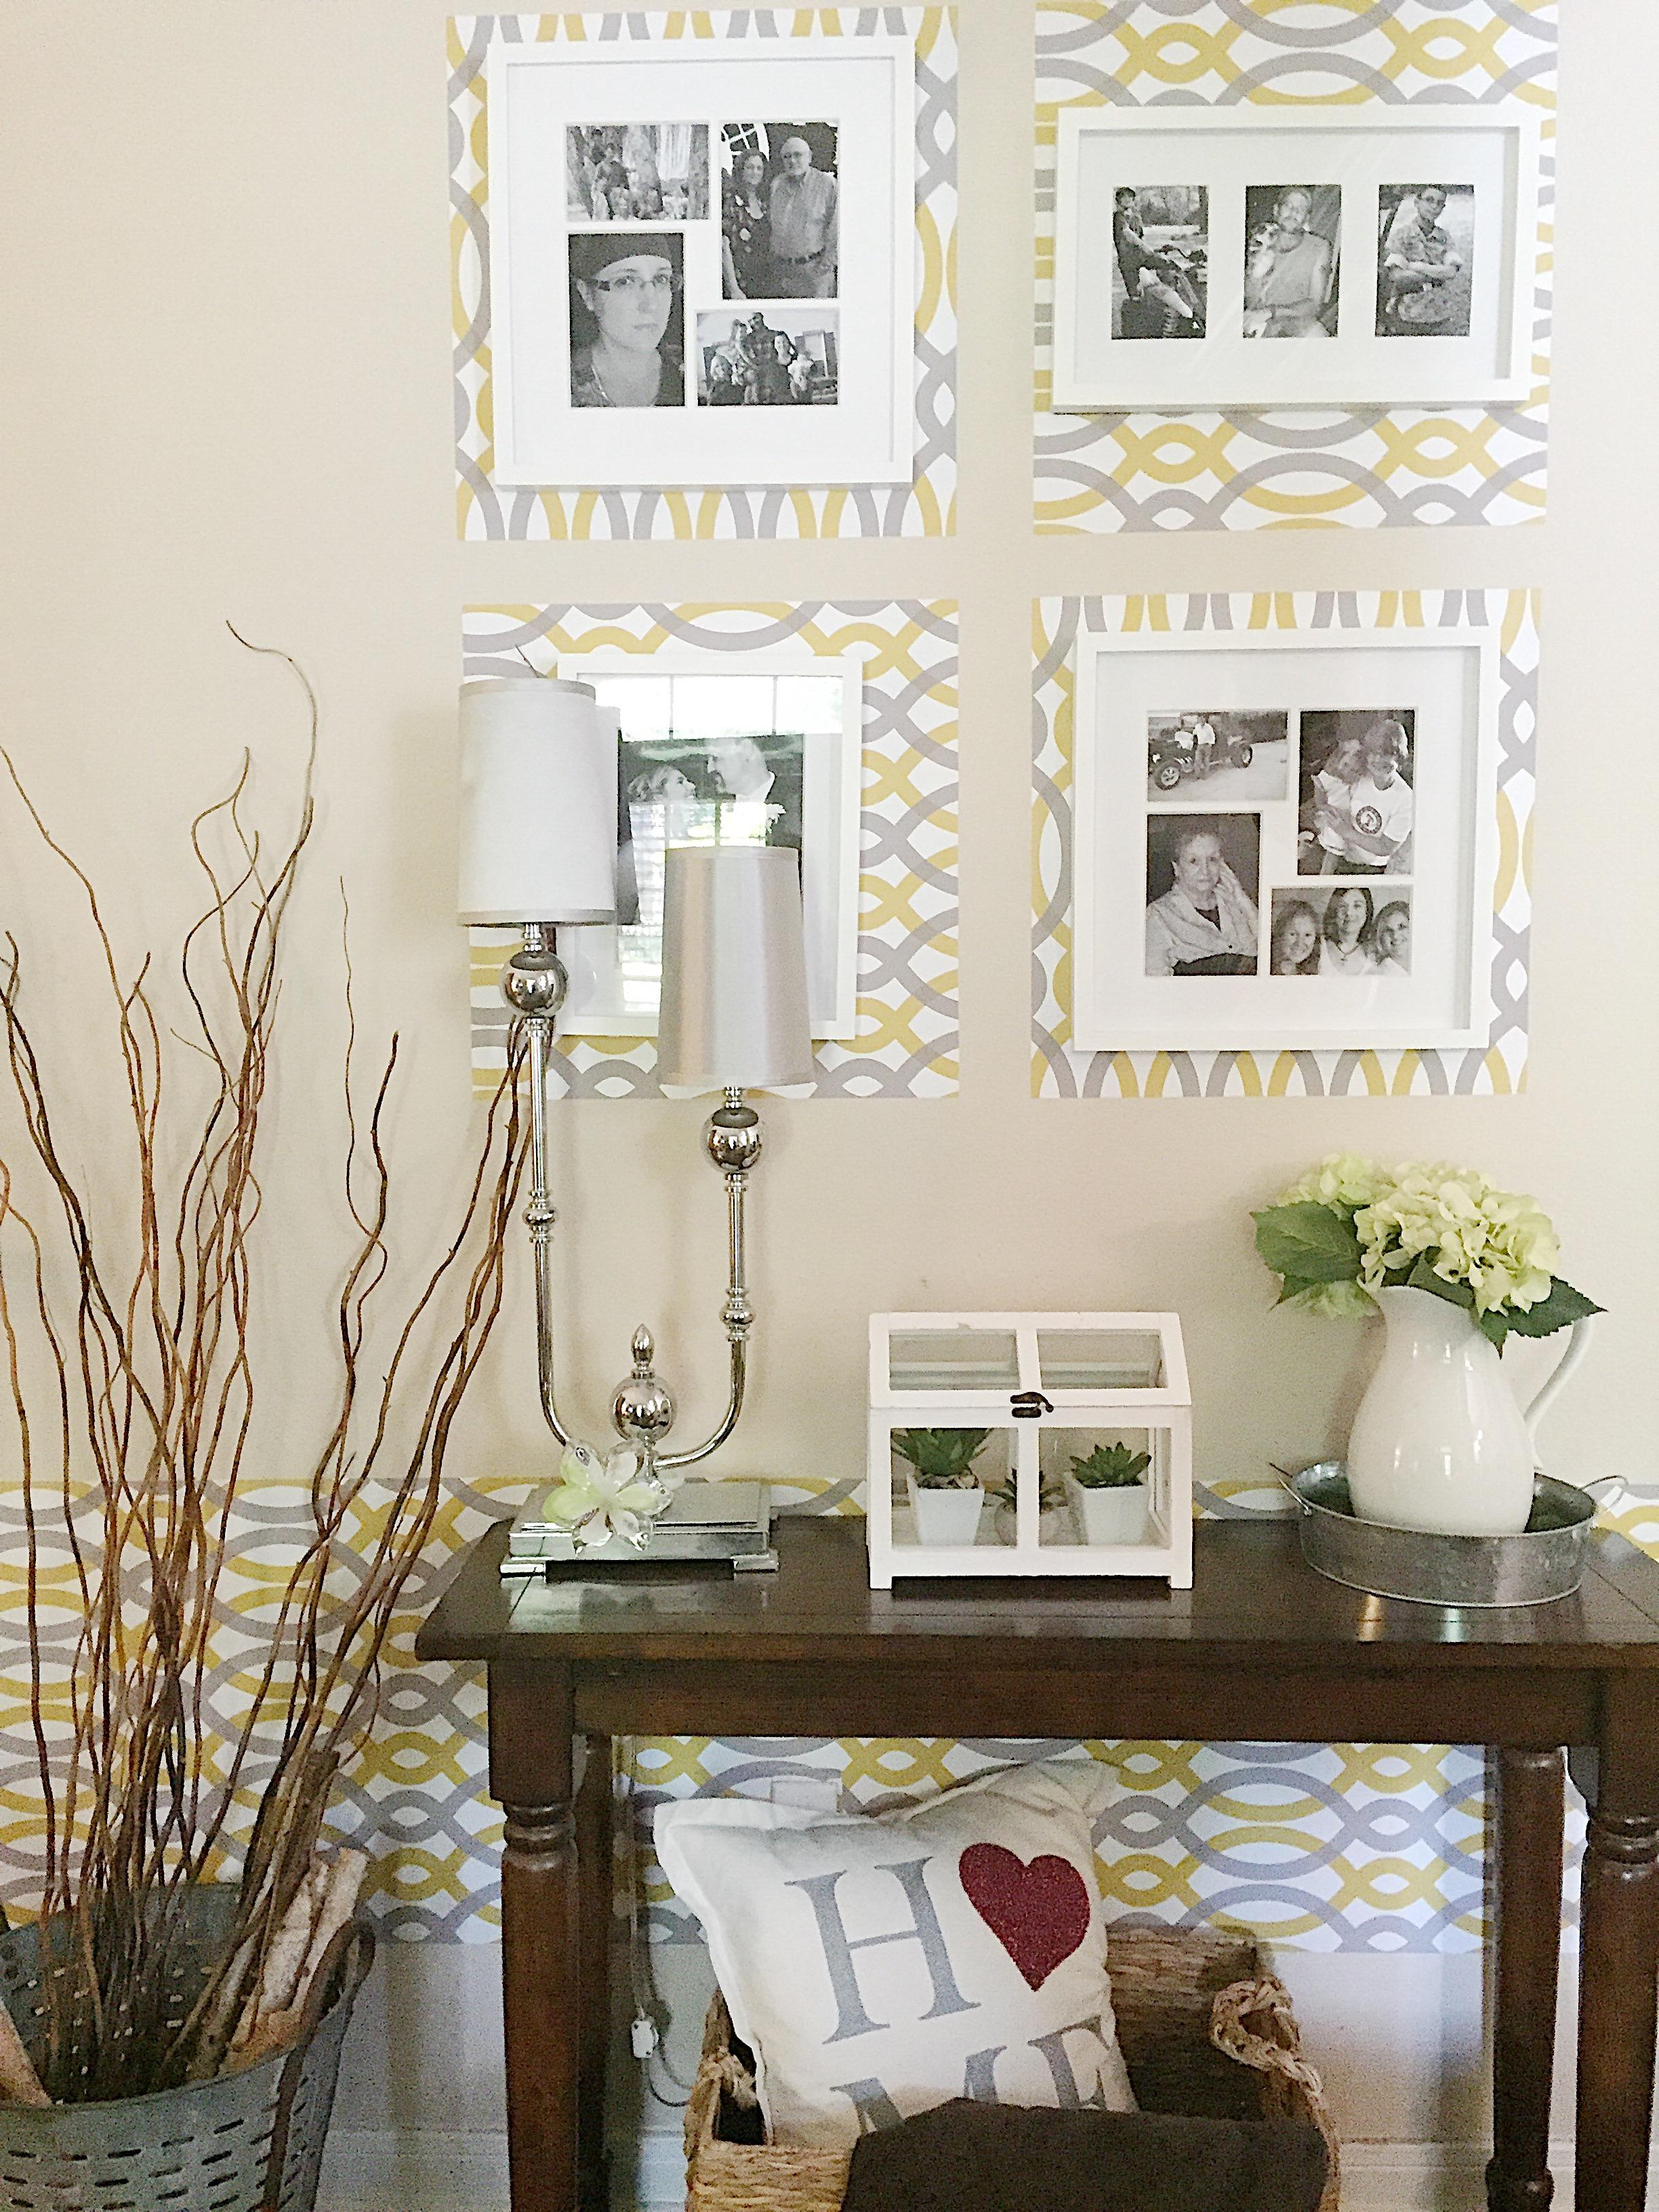 wallpaper frame.JPG